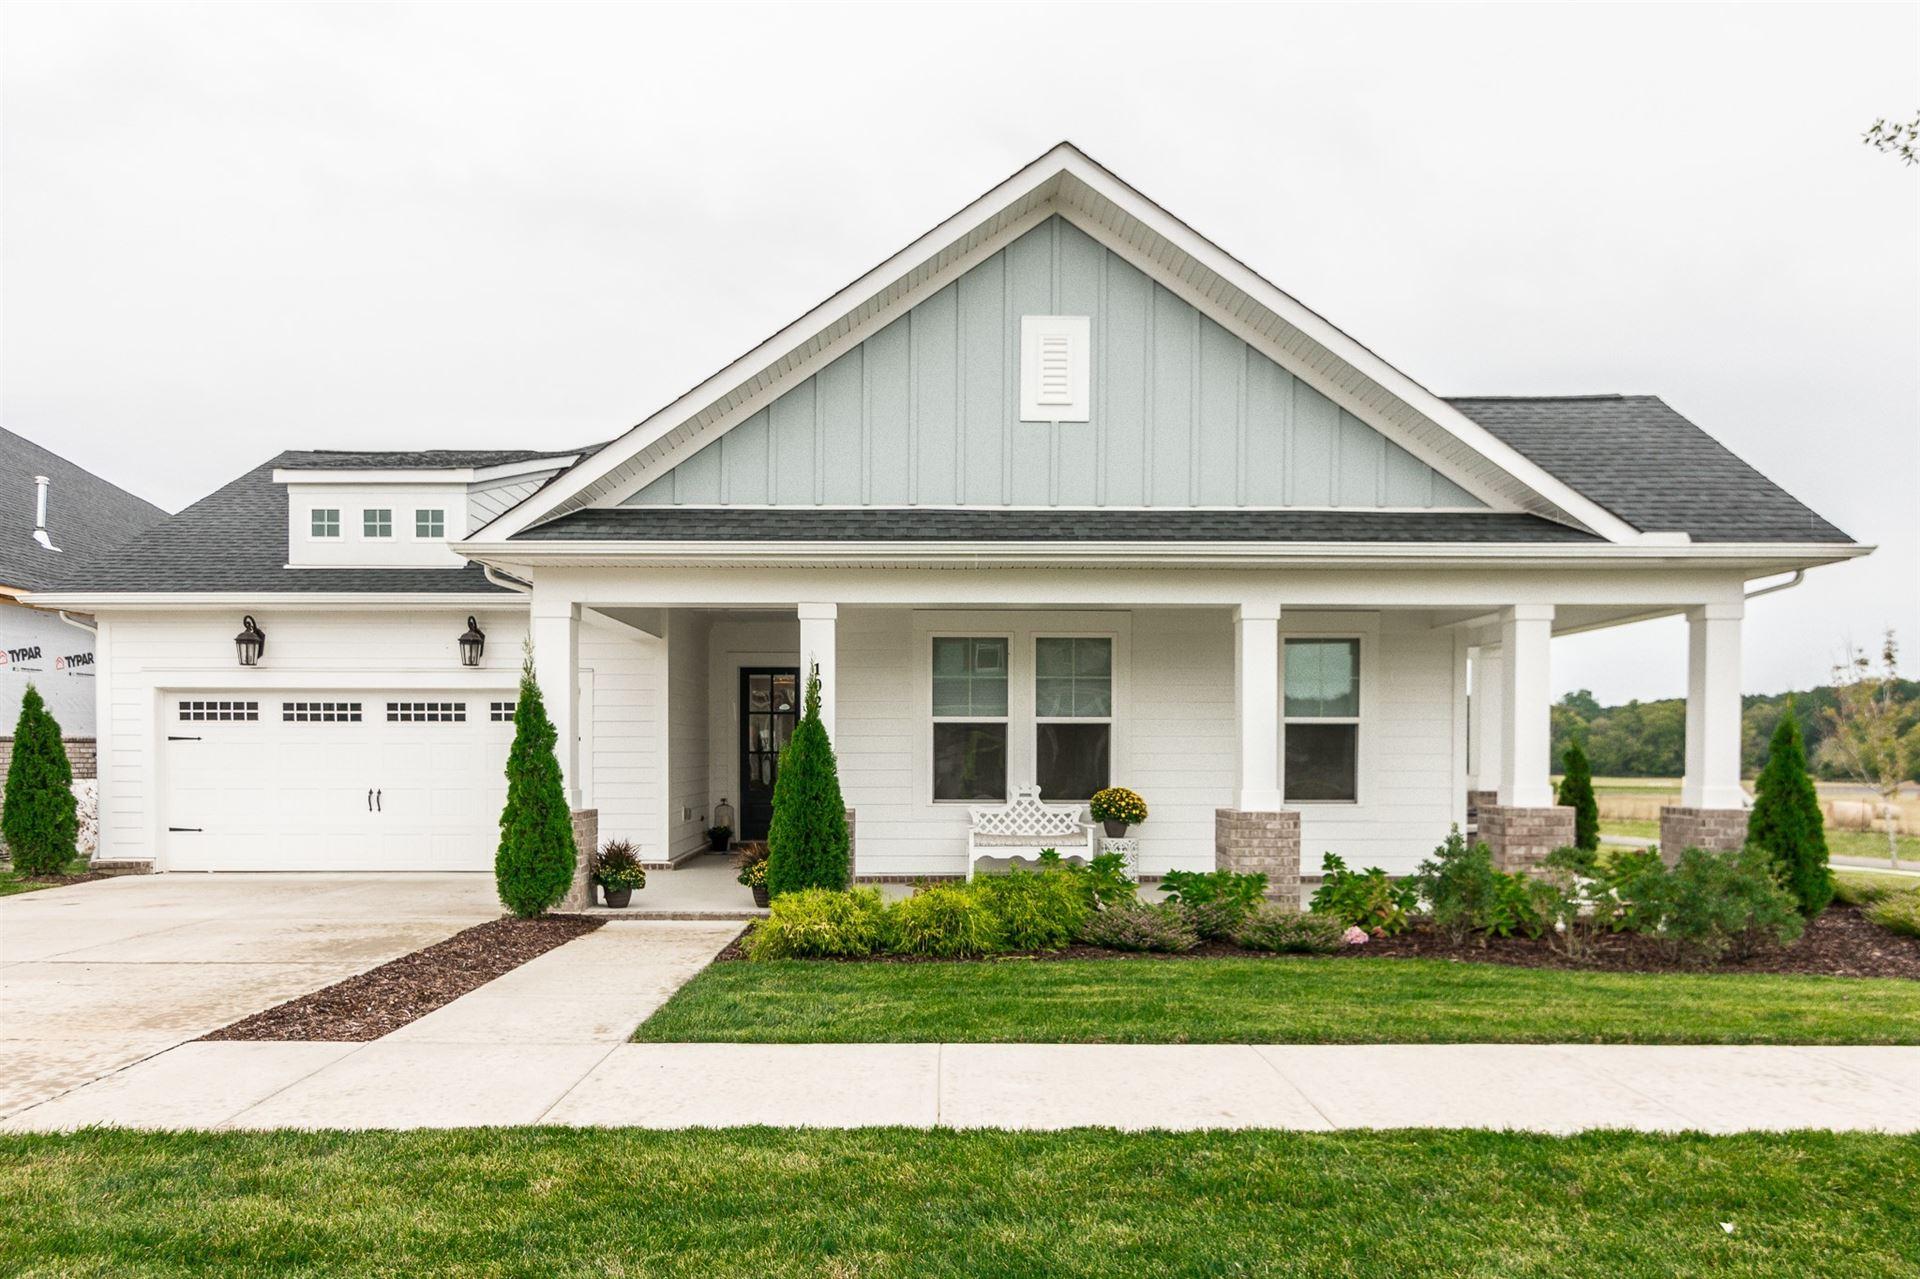 102 Edenburg Dr, Hendersonville, TN 37075 - MLS#: 2192540